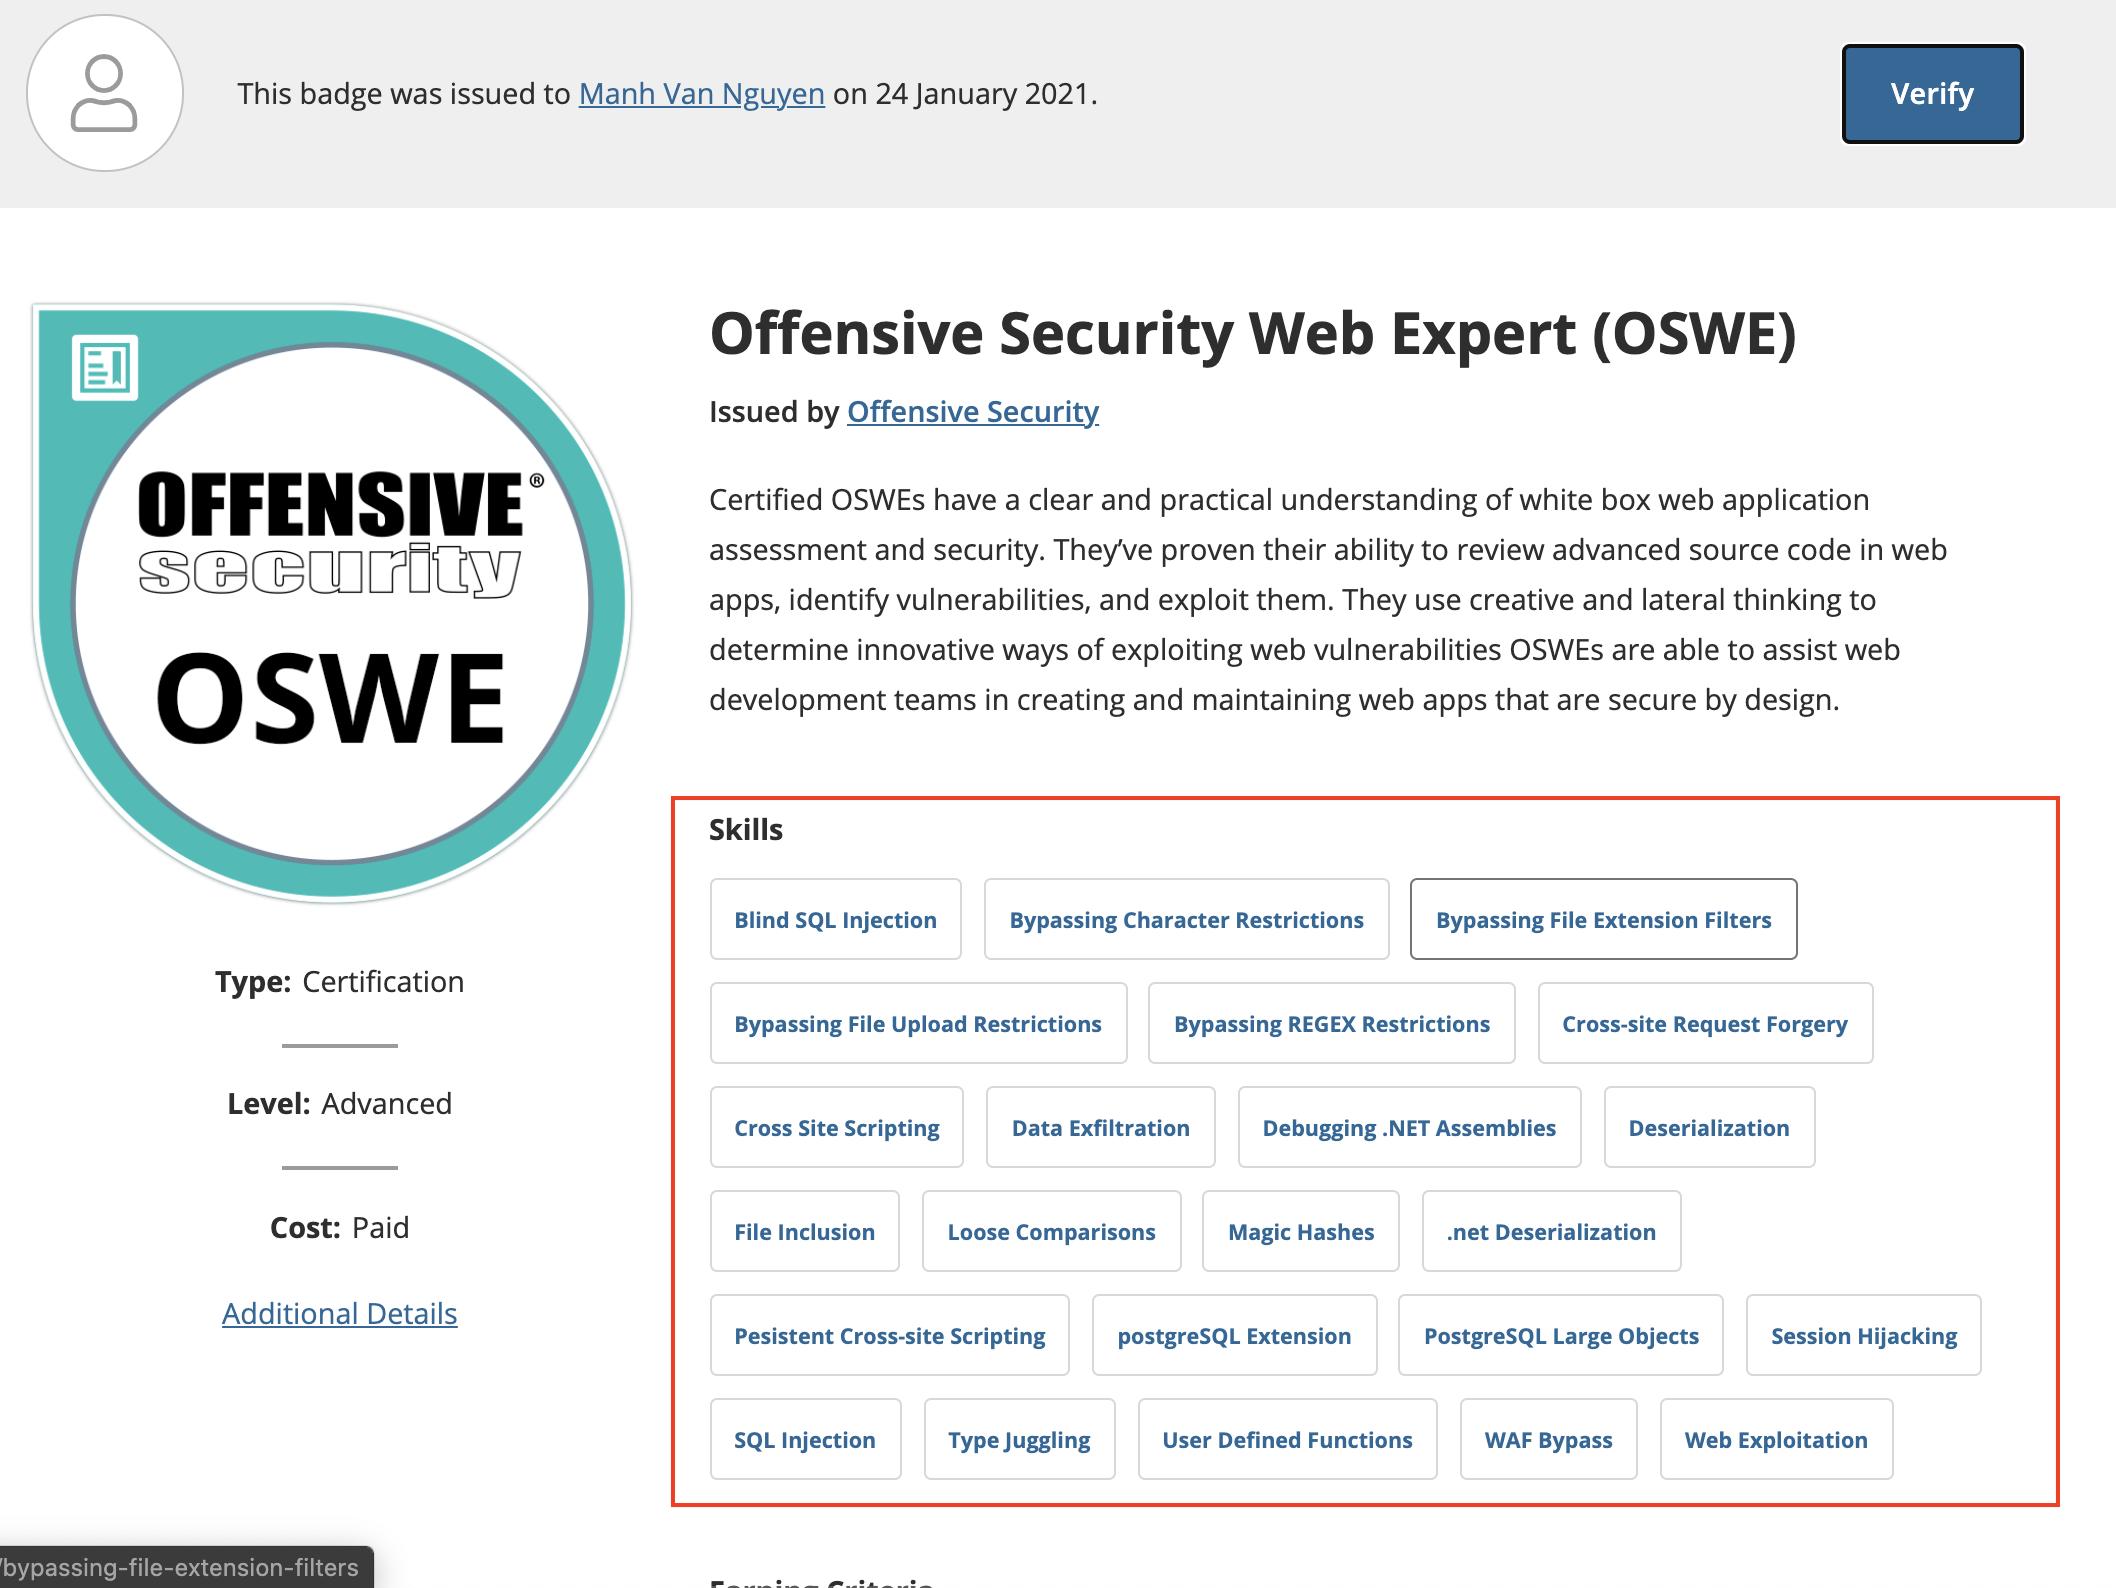 /images/posts/oswe/i-passed-OSWE-nguon-goc-va-suc-manh/skills.png